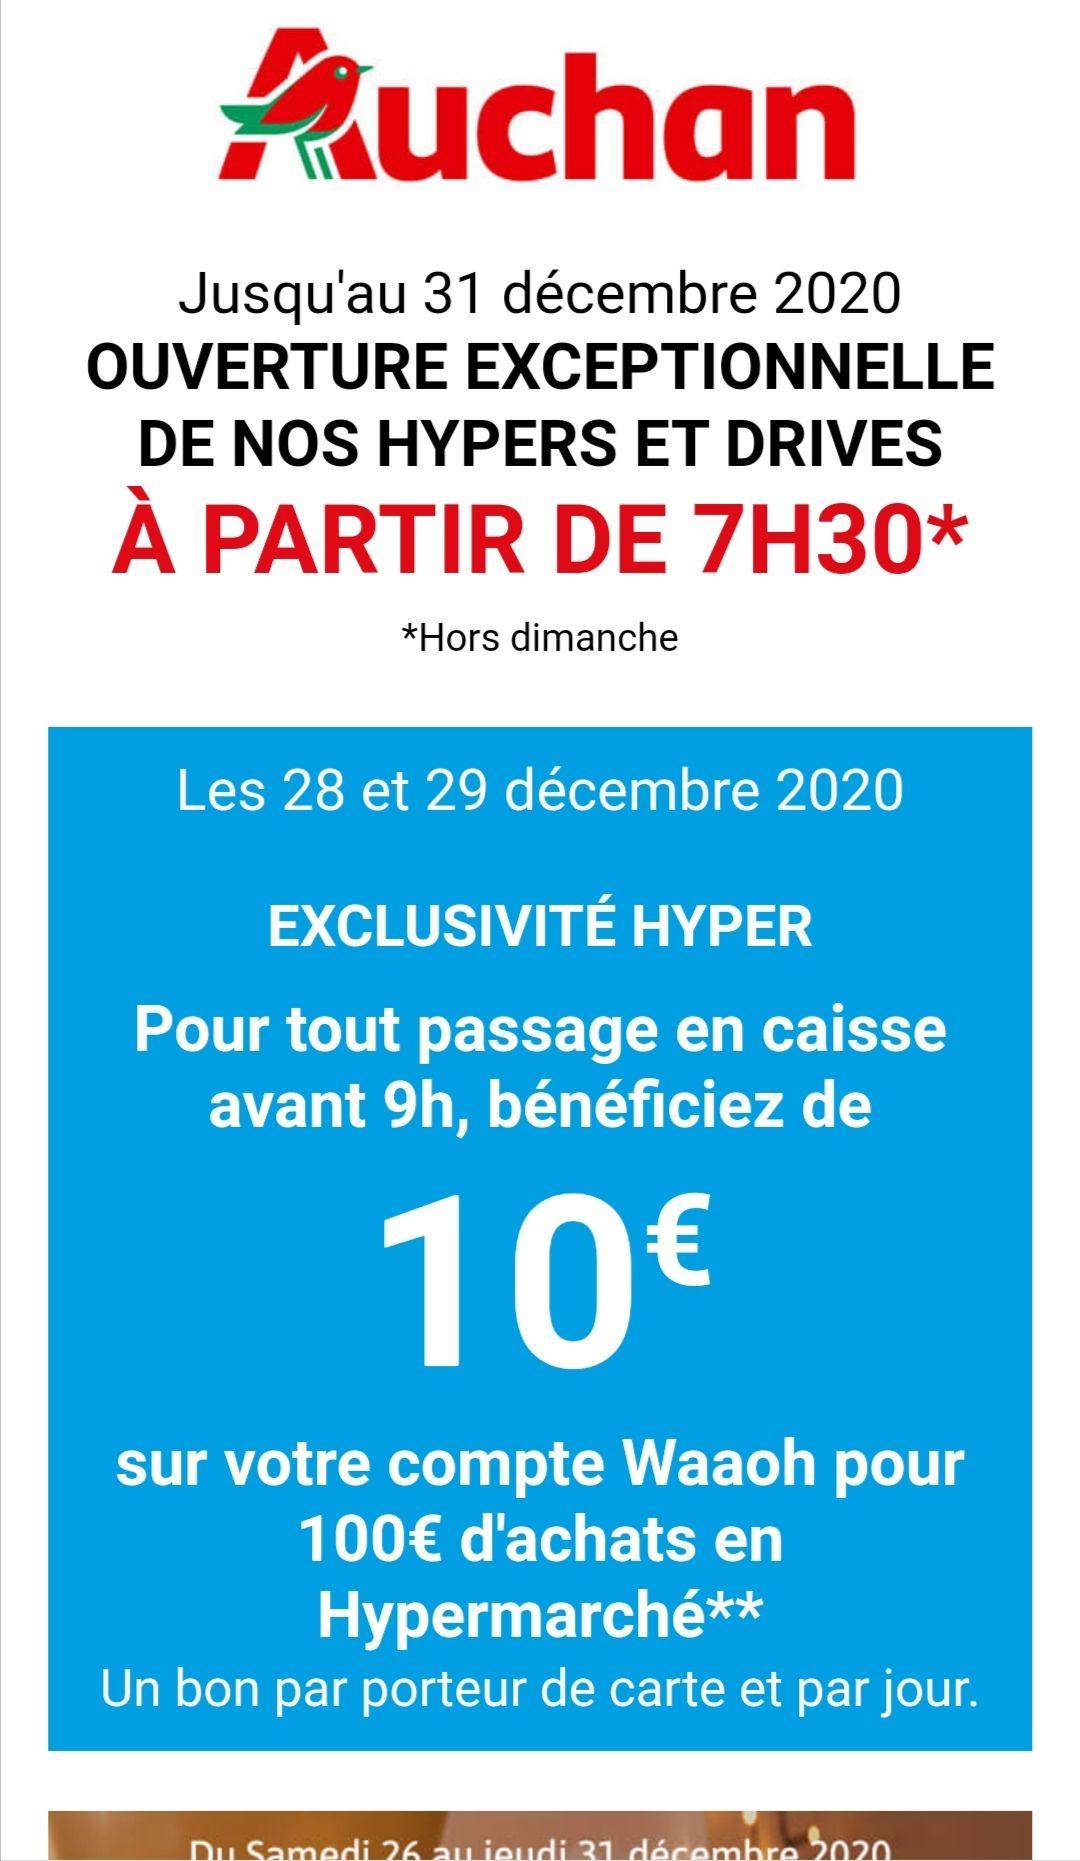 [Passage en caisse avant 09h] 10€ sur votre compte Waaoh dès 100€ d'achat en Hypermarché